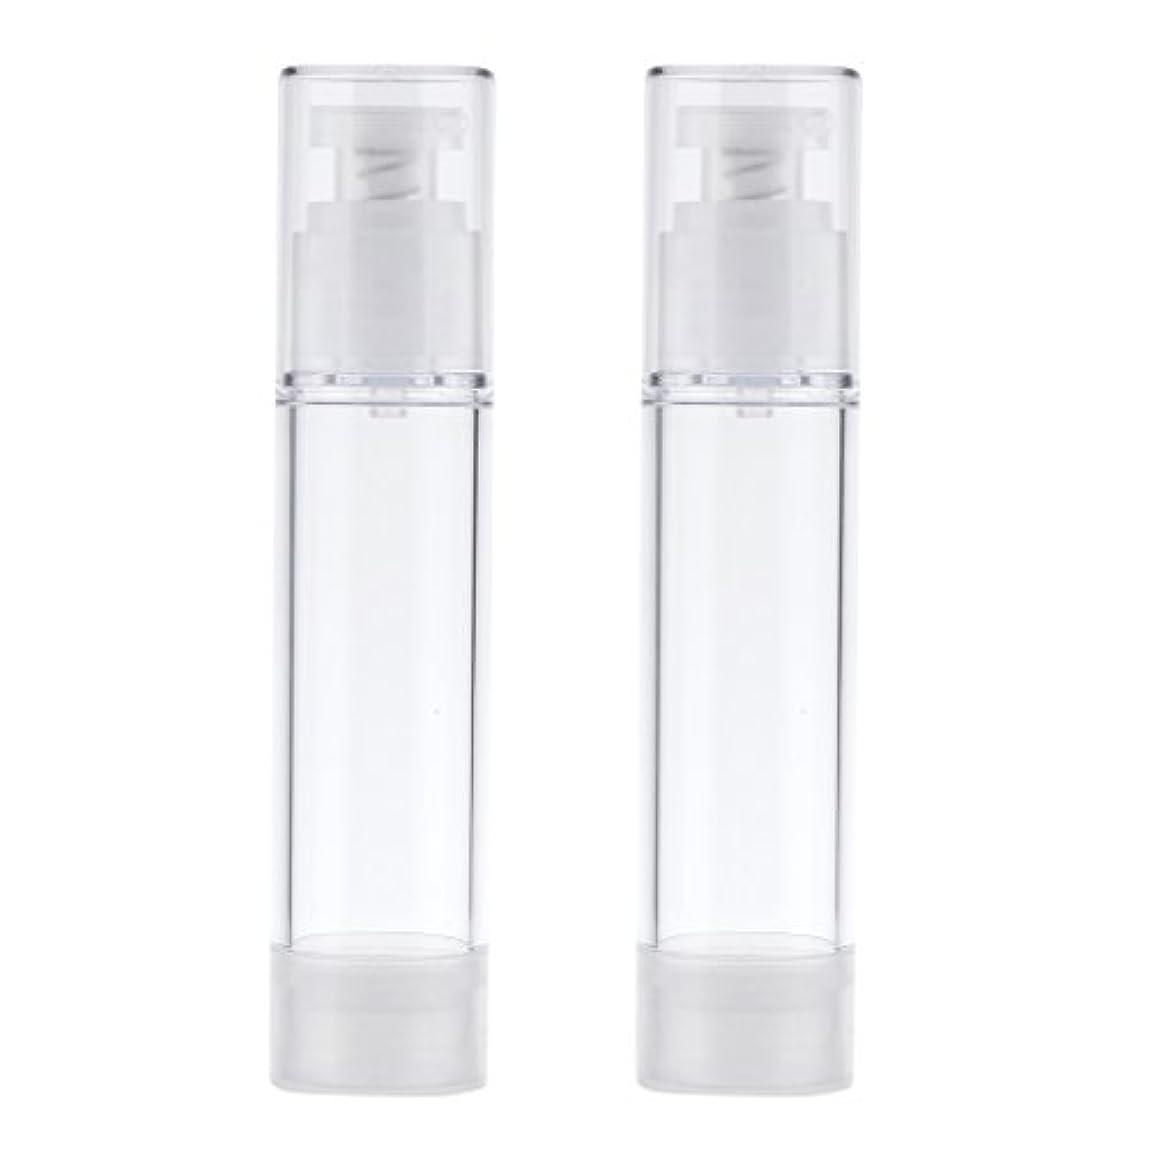 マニアック間ルーキー2個 空ボトル ポンプボトル ローション コスメ ティック クリームボトル エアレスポンプディスペンサー 3サイズ選べる - 50ml